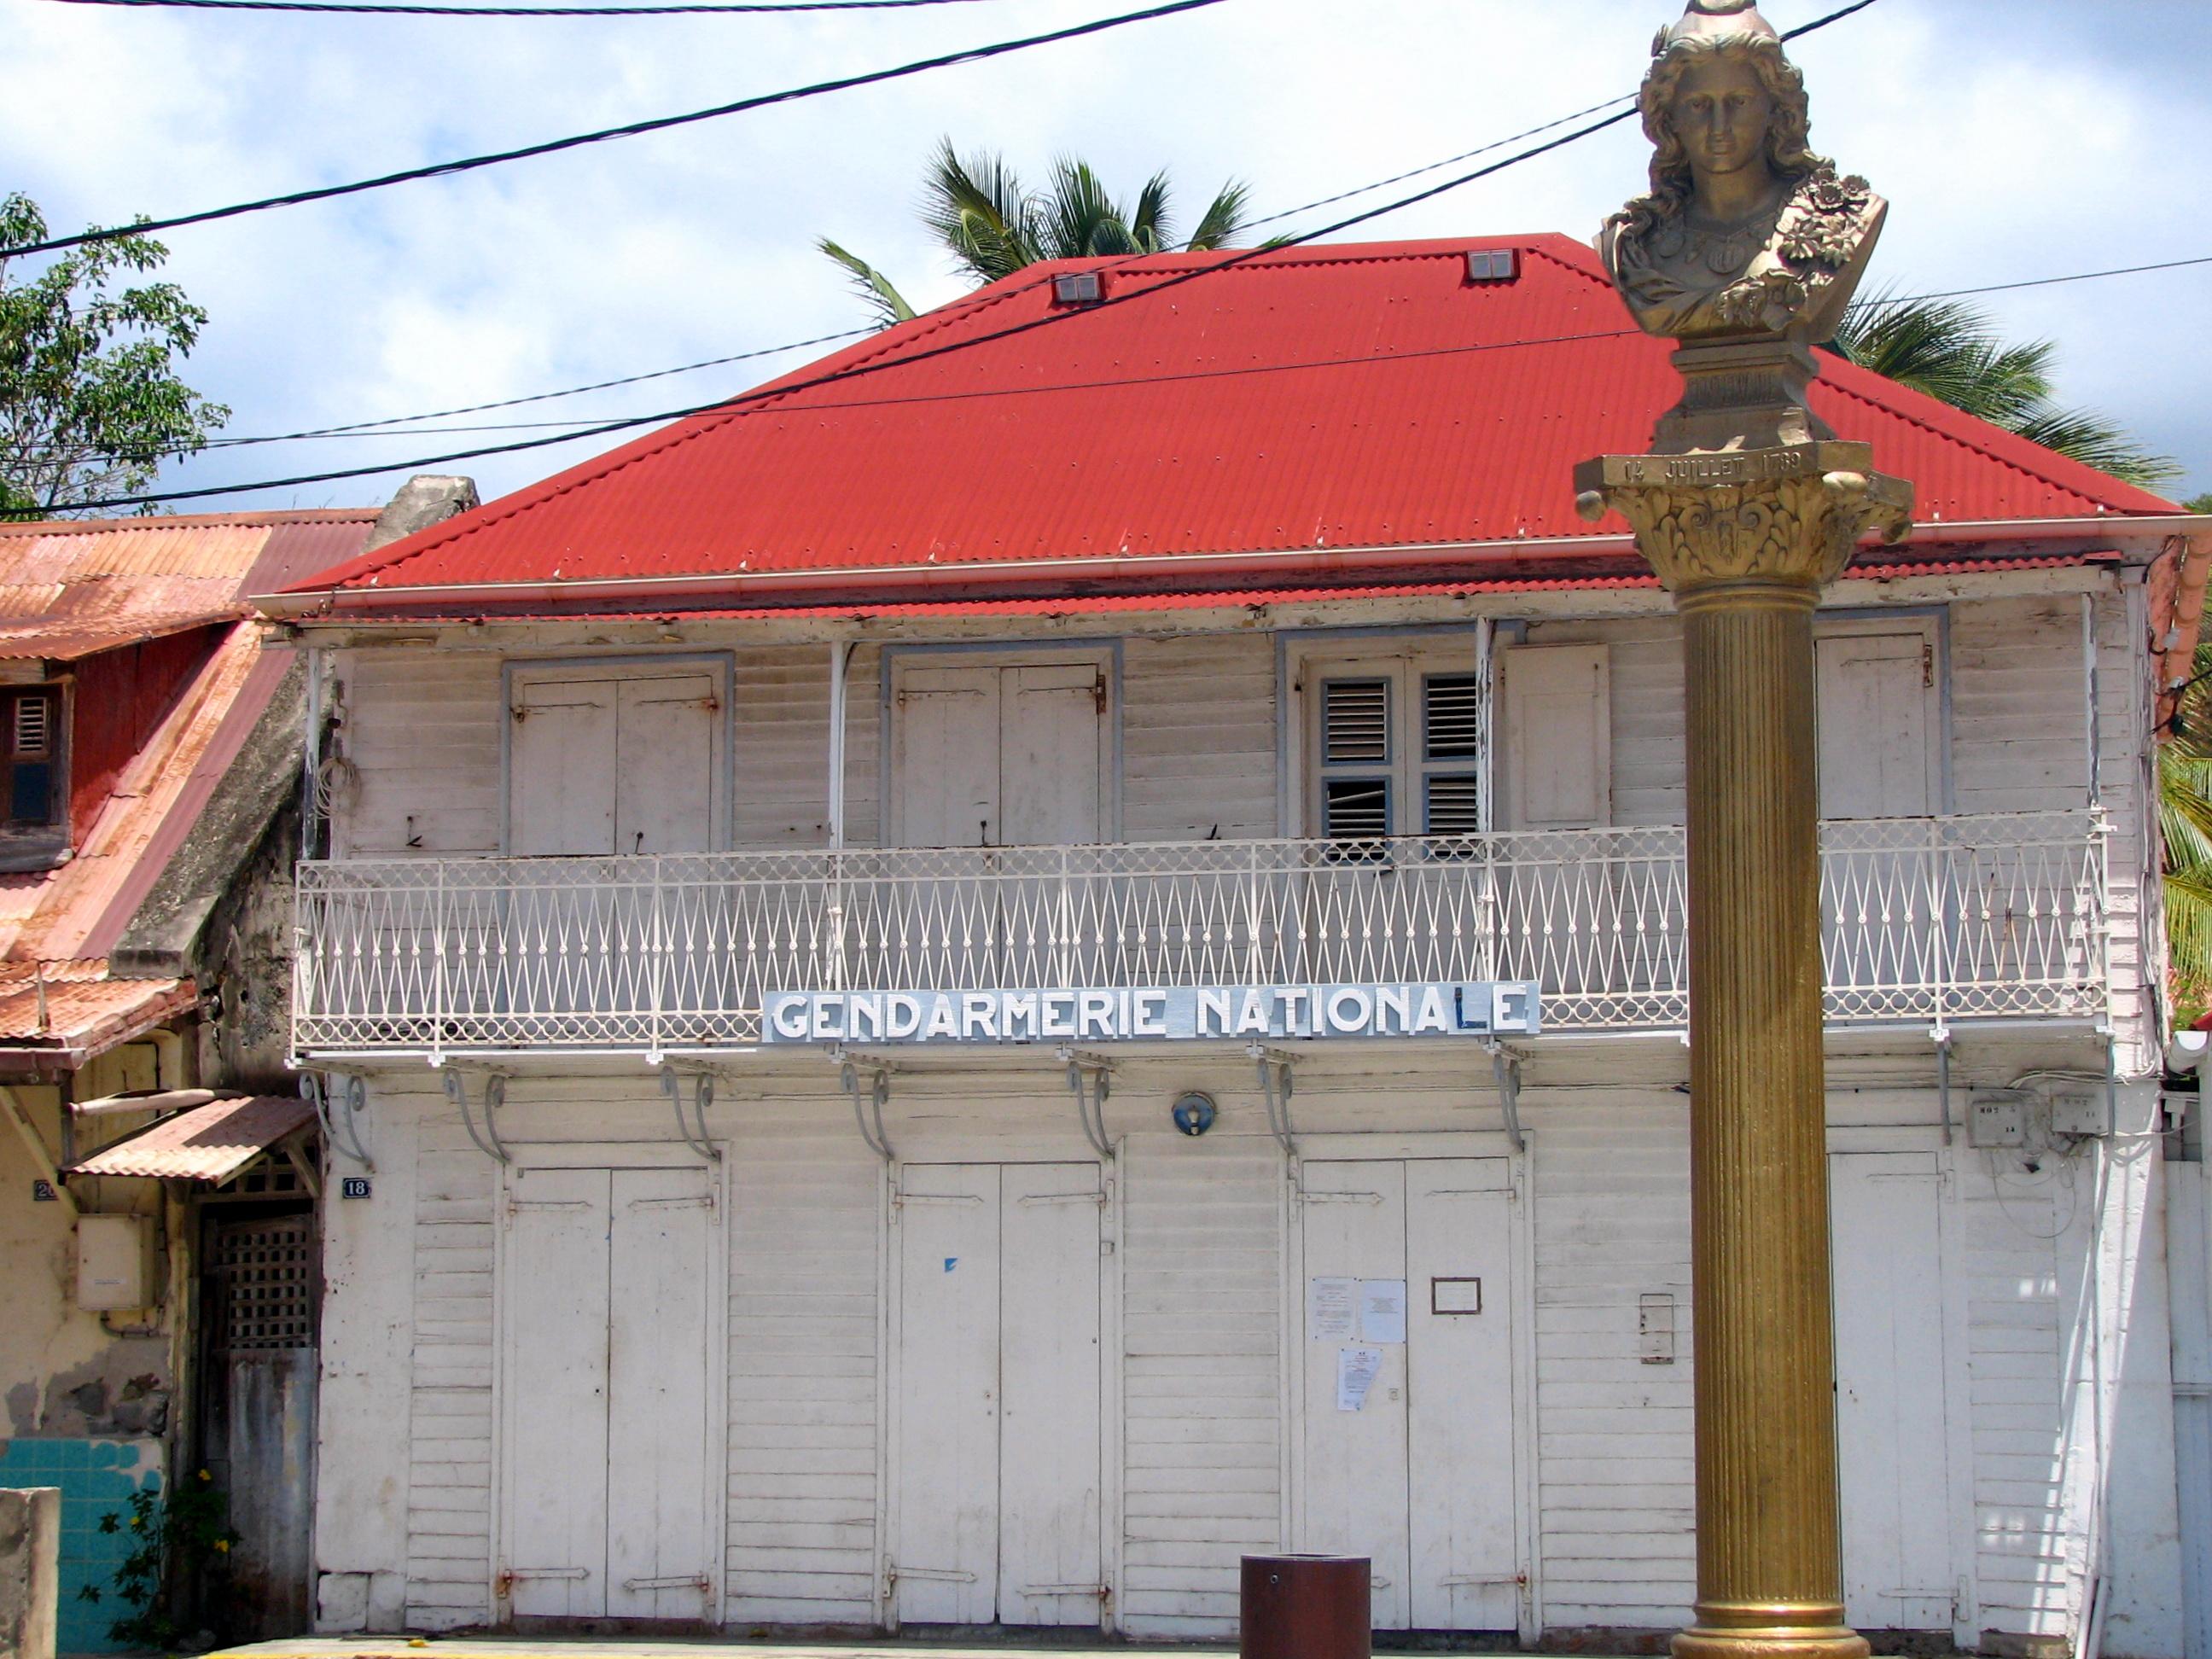 antilles-saintes-tropical-house-gendarmerie-nationale-pixtii-image-stock